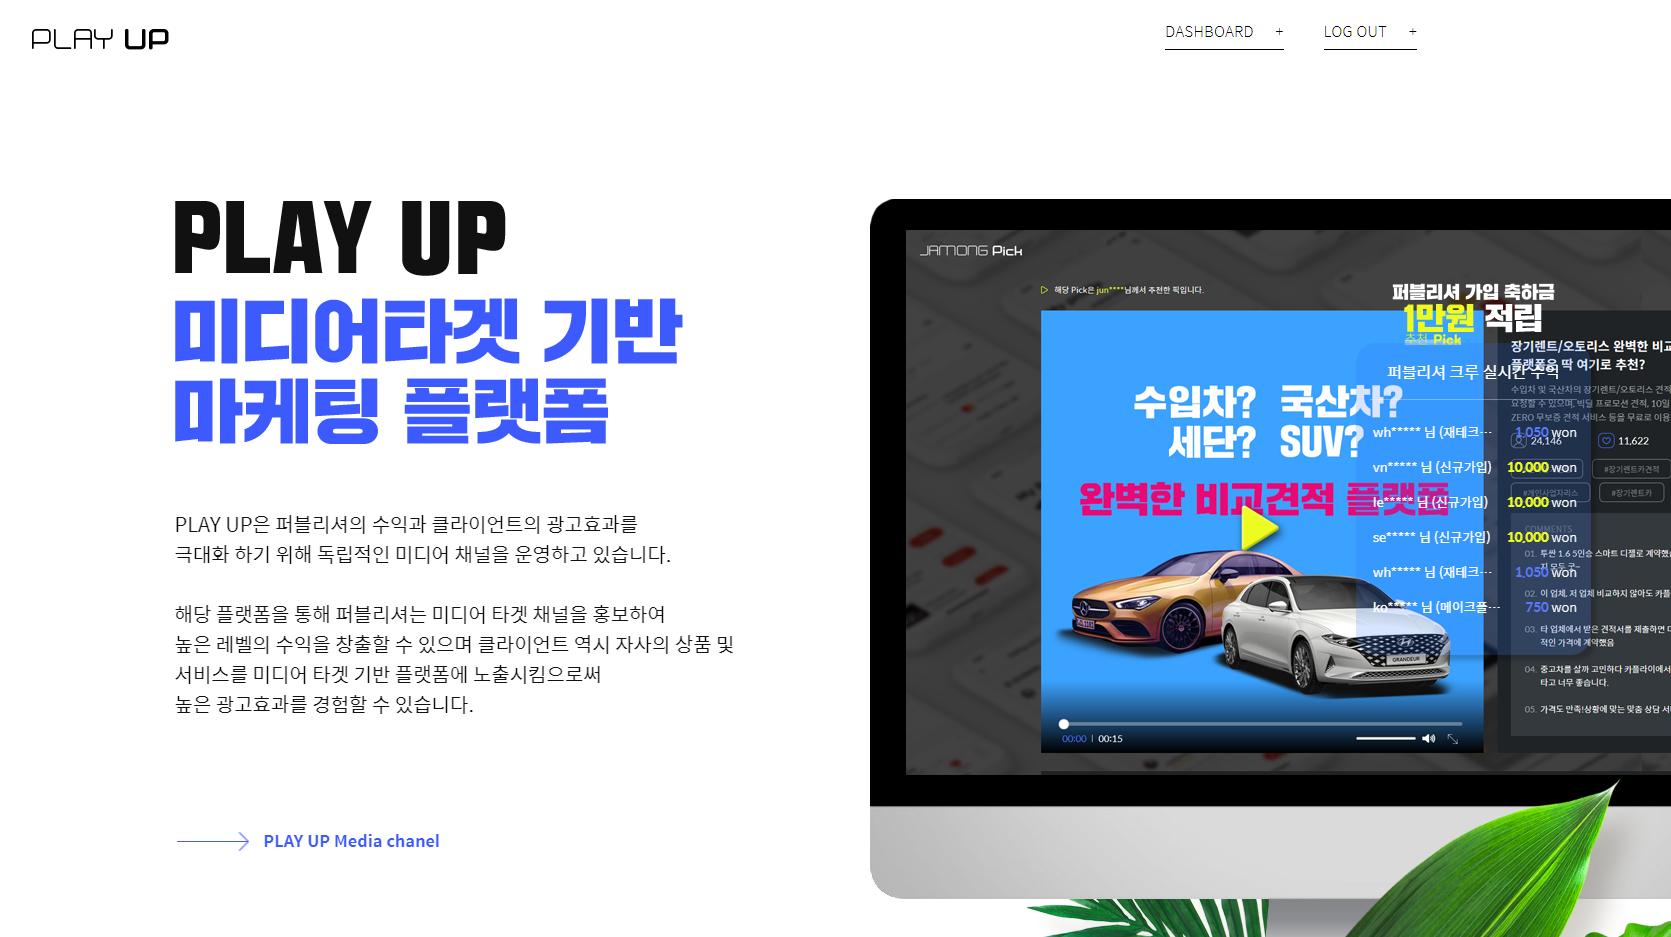 언택트 시대 신규 런칭한 CPC 부업 플랫폼 '플레이업' (PlayUP)